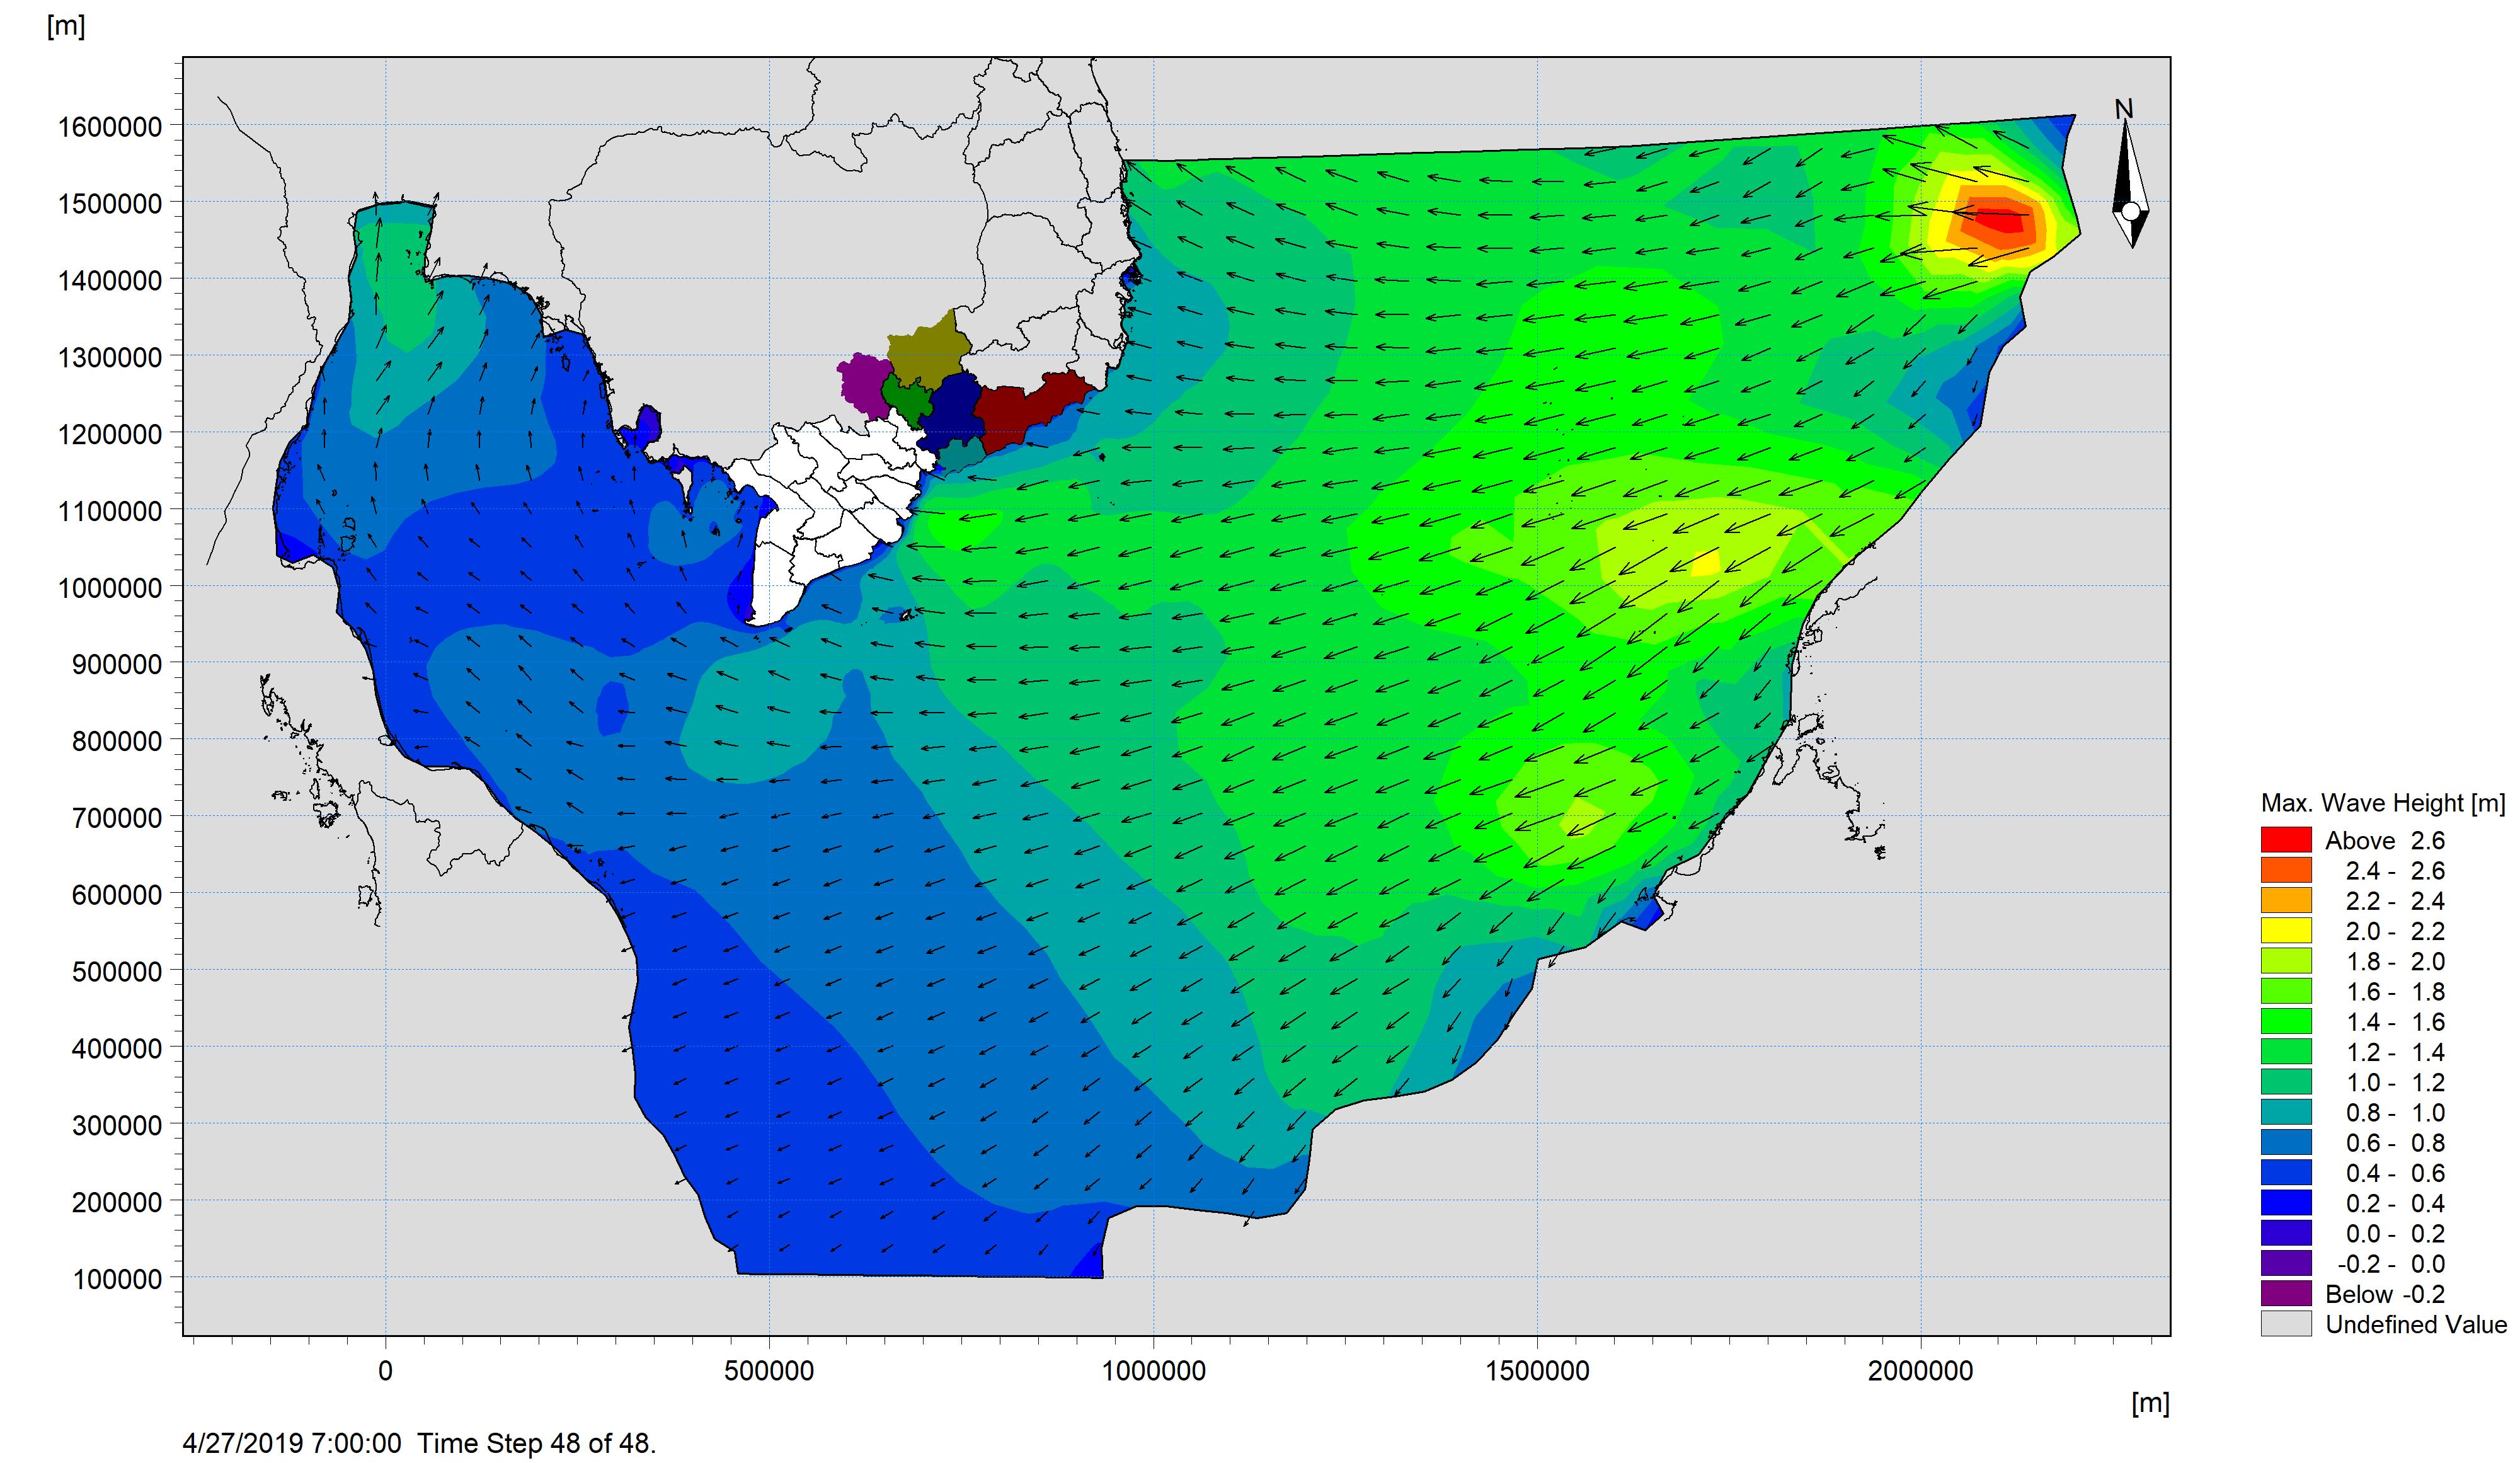 Bản tin dự báo sóng khu vực Nam Bộ từ ngày 25-04-2019 đến ngày 27-04-2019